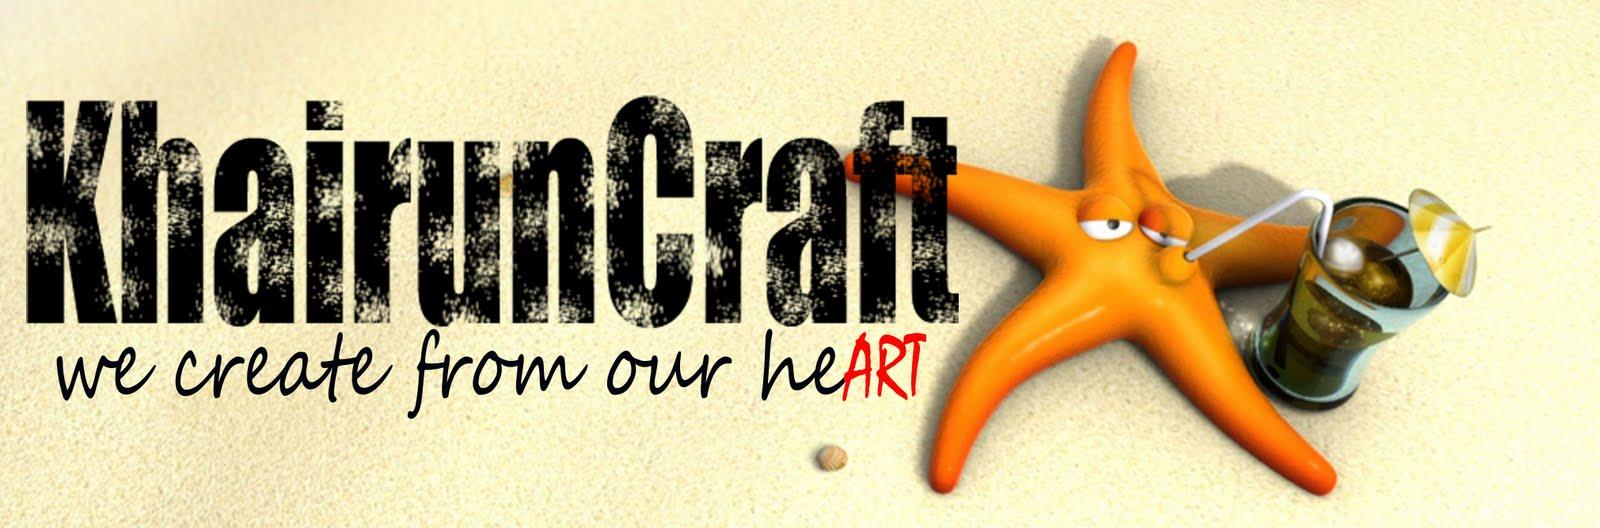 KhairunCraft